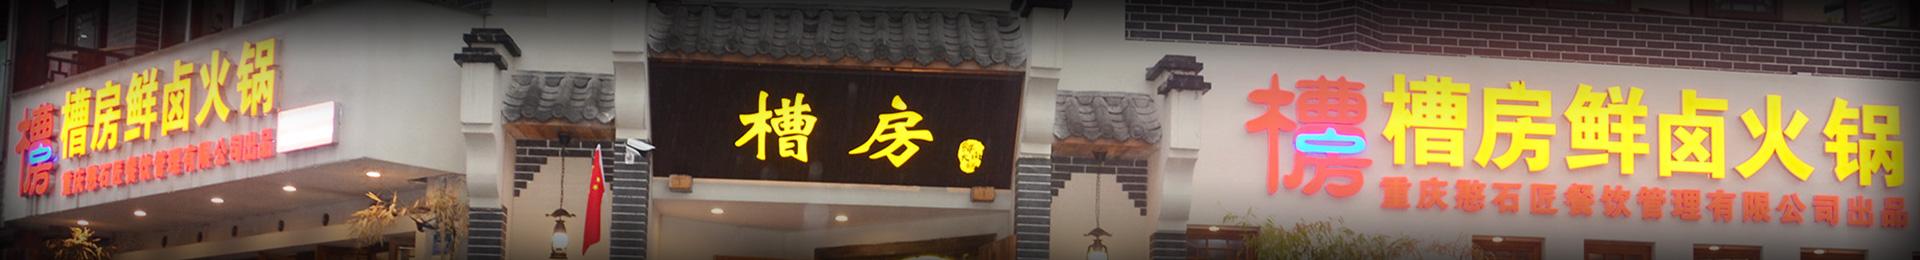 特色麻辣牛肉_槽房火锅配菜_槽房鲜卤火锅